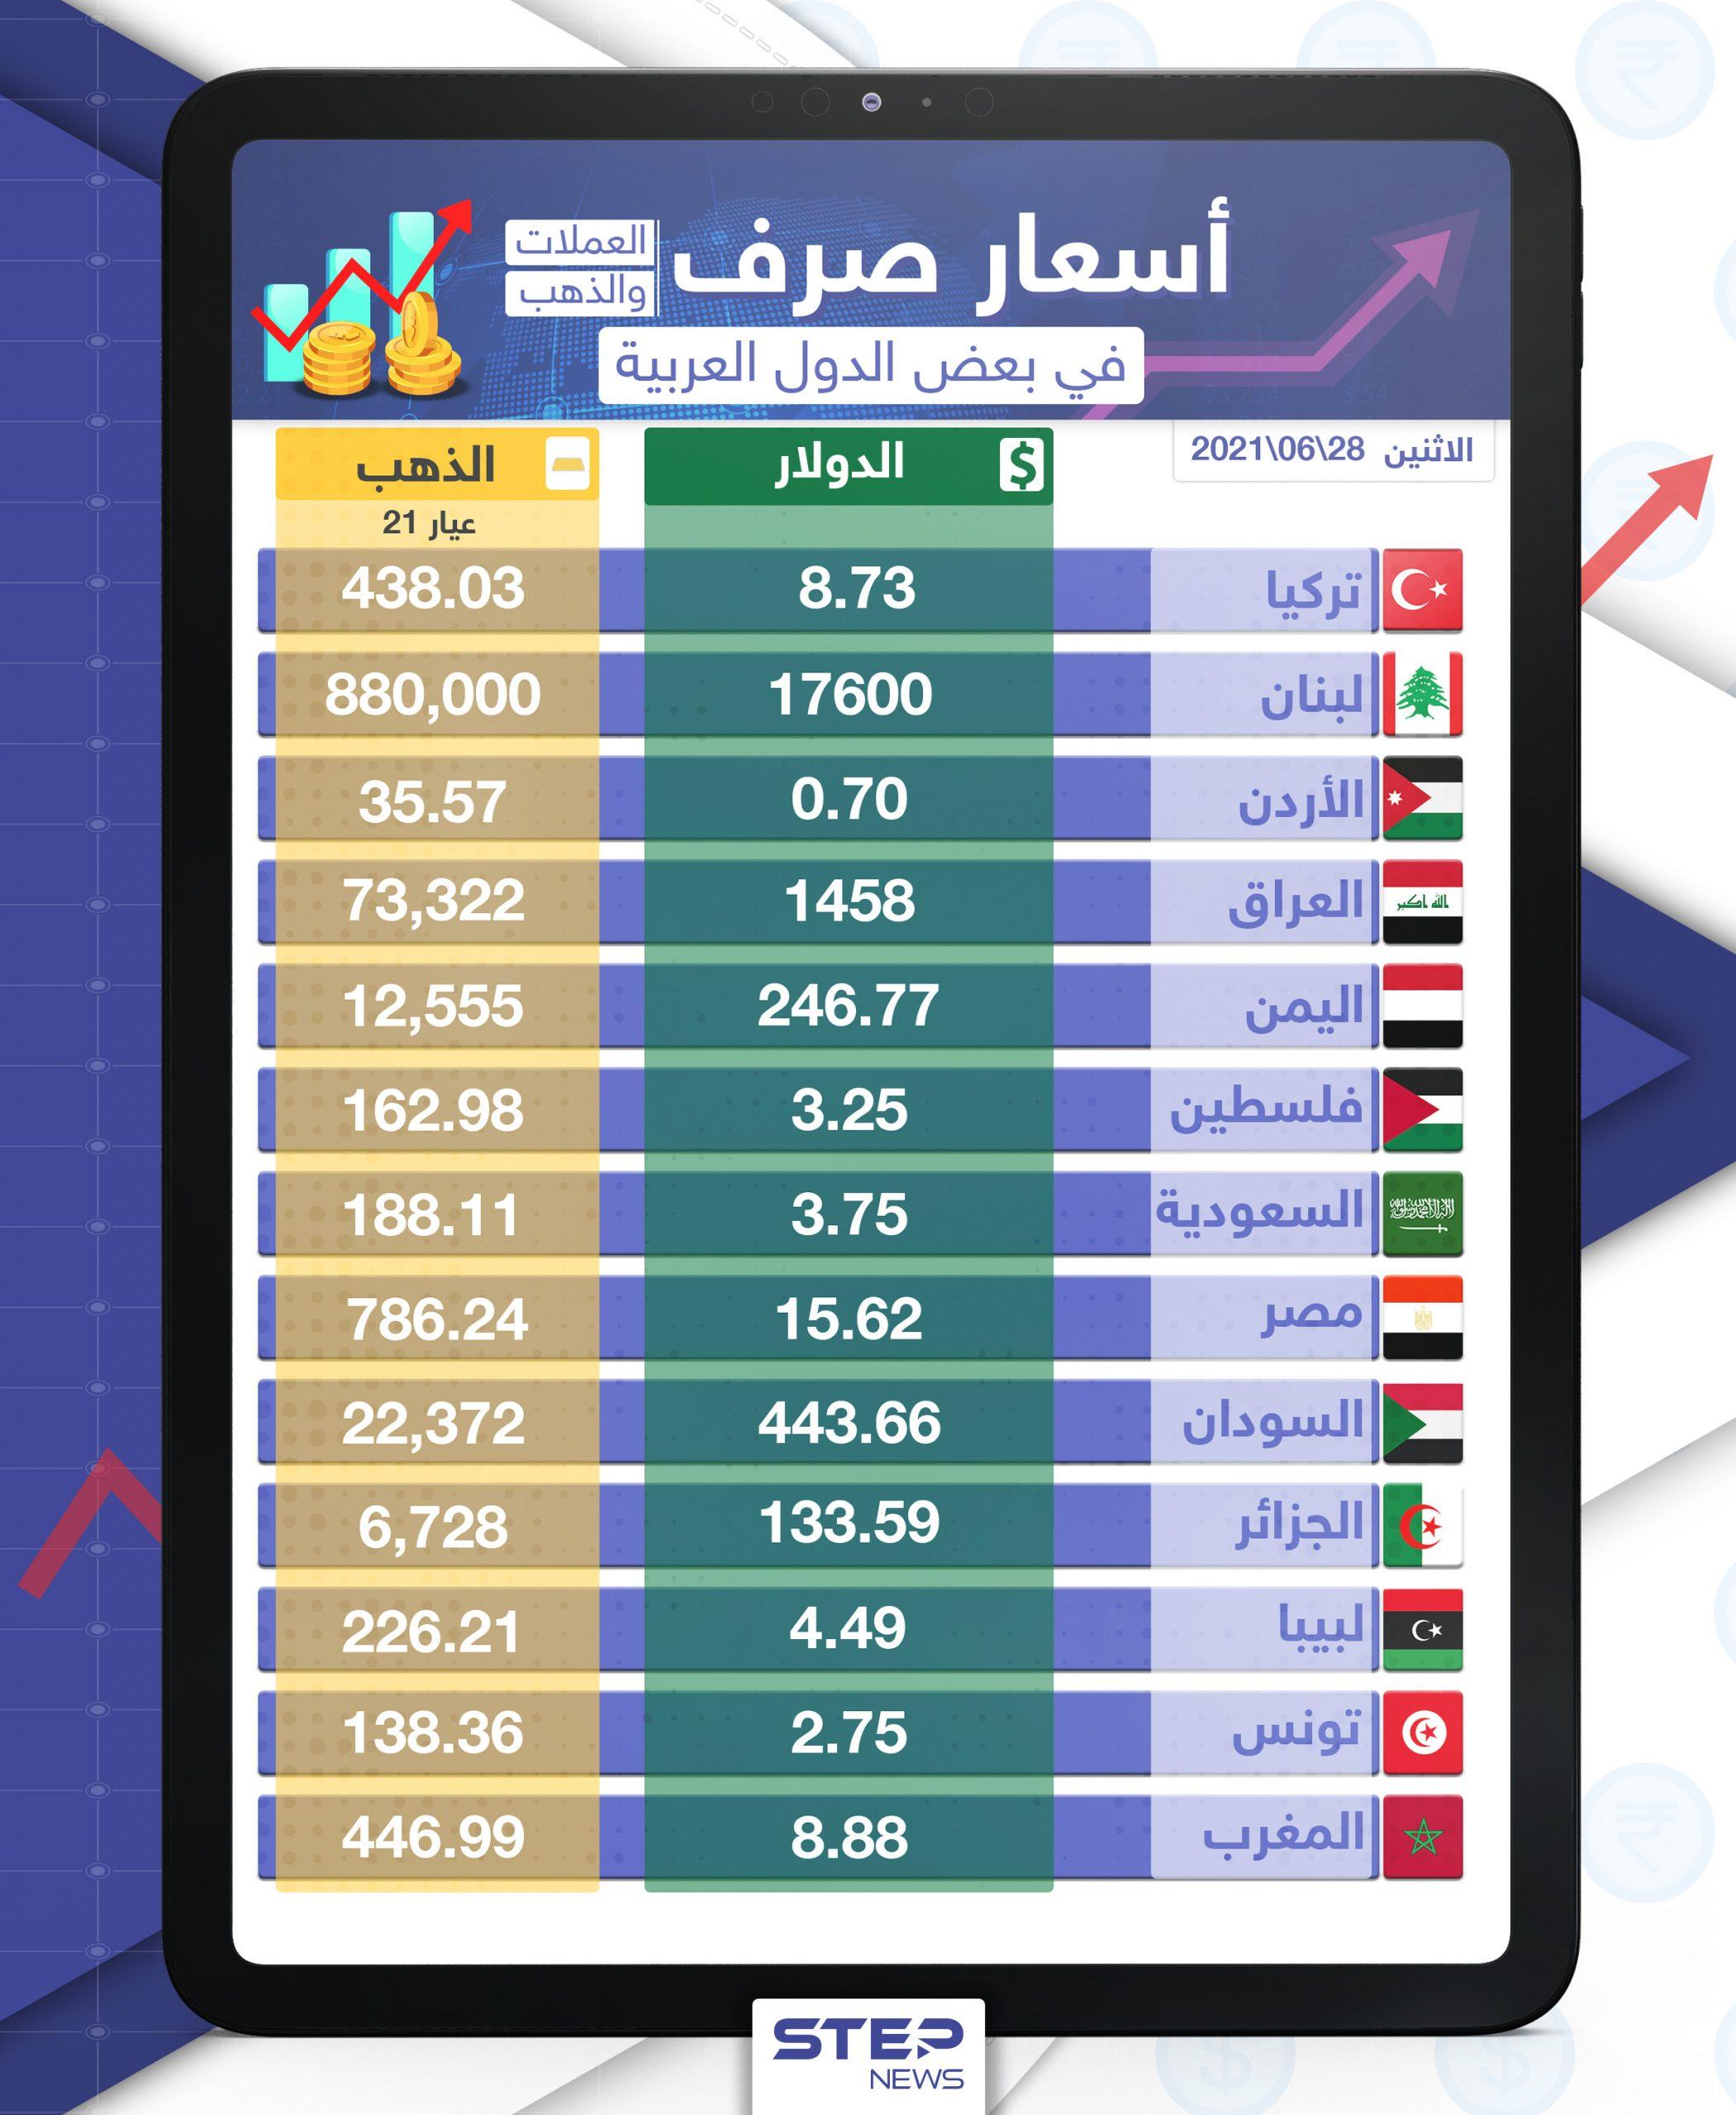 أسعار الذهب والعملات للدول العربية وتركيا اليوم الاثنين الموافق 28 حزيران 2021